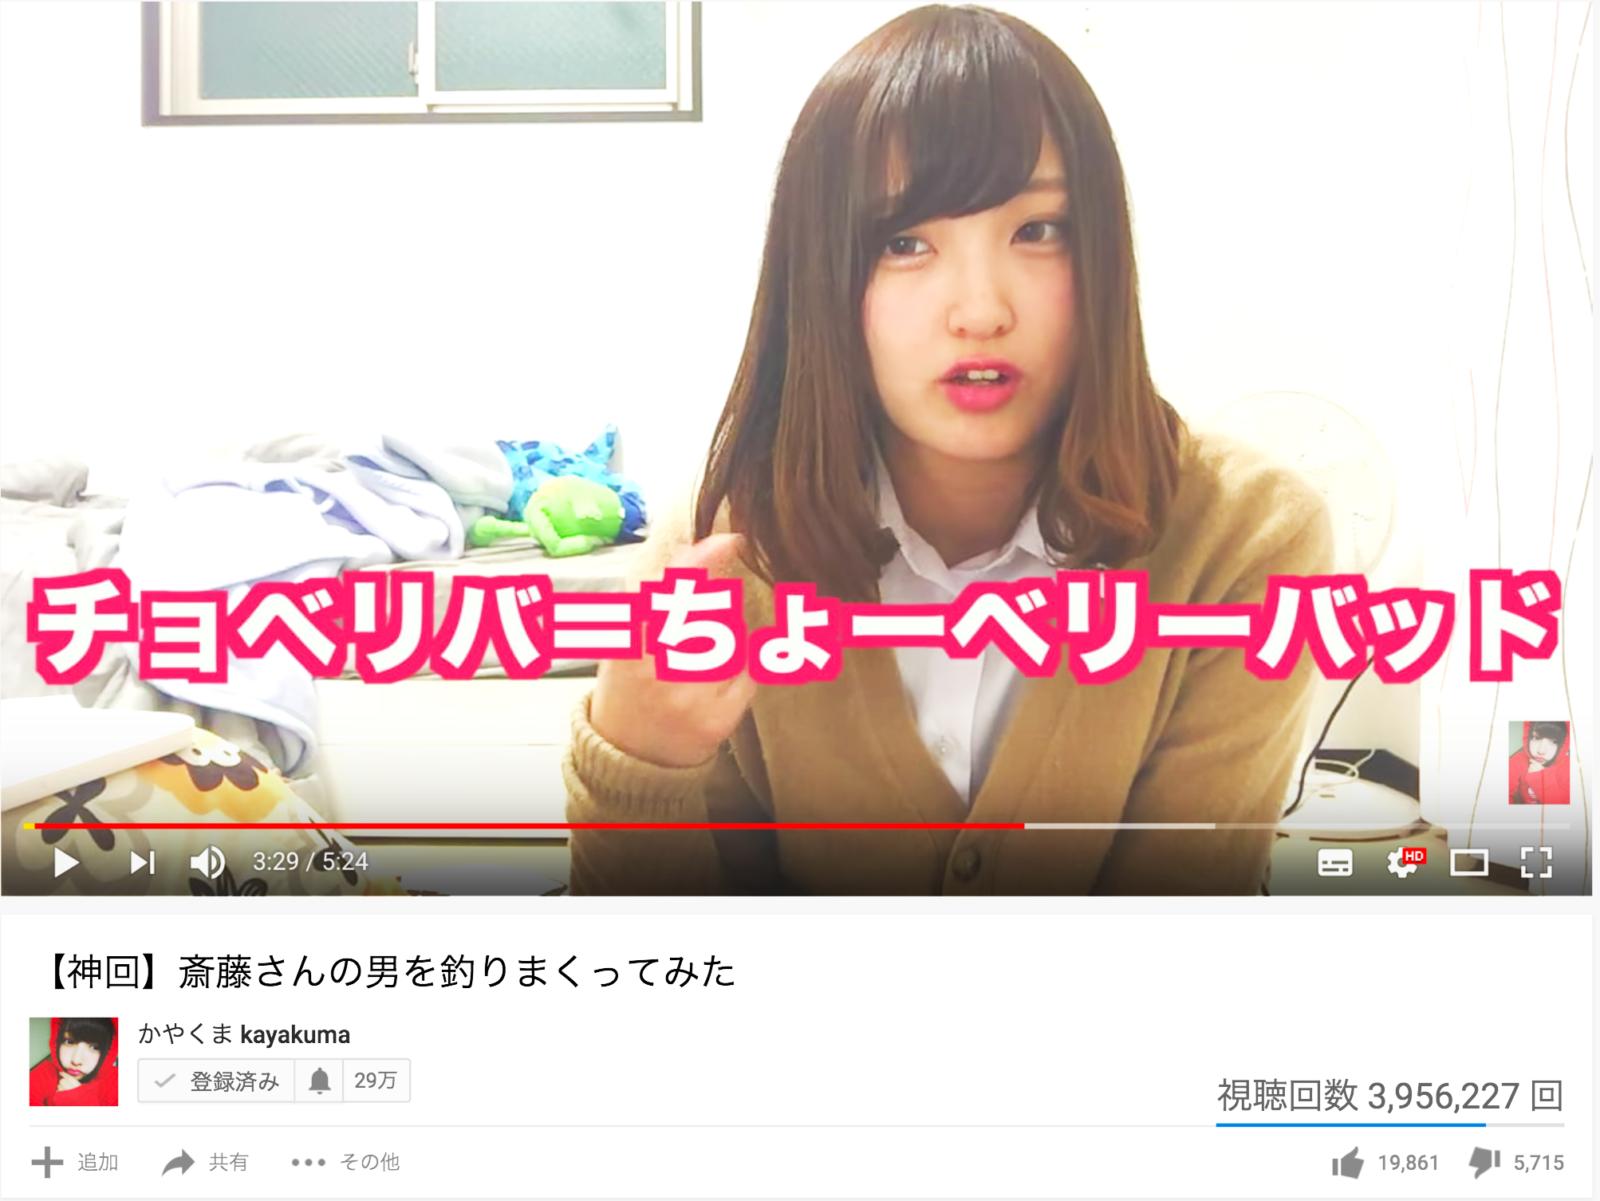 19歳の現役女子大生Youtuber・かやくまの人気がヤバいらしい!?サムネイル画像